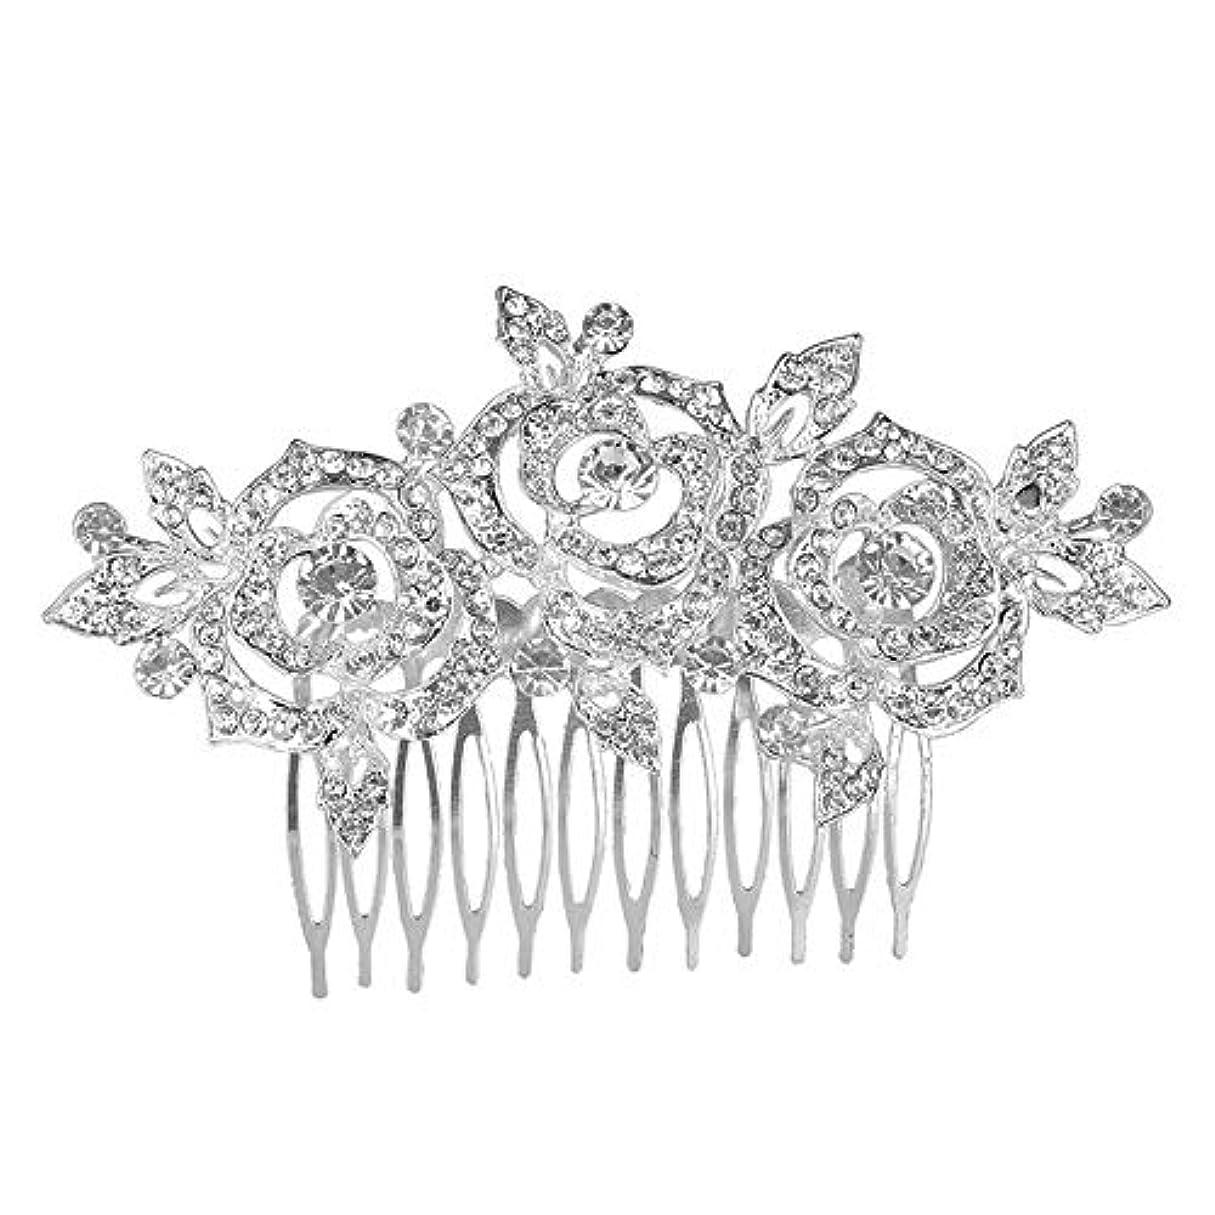 天の舌有能な髪の櫛挿入櫛花嫁の髪櫛クラウン髪の櫛結婚式の付属品櫛の髪の櫛花の櫛の櫛ブライダルヘッドドレス